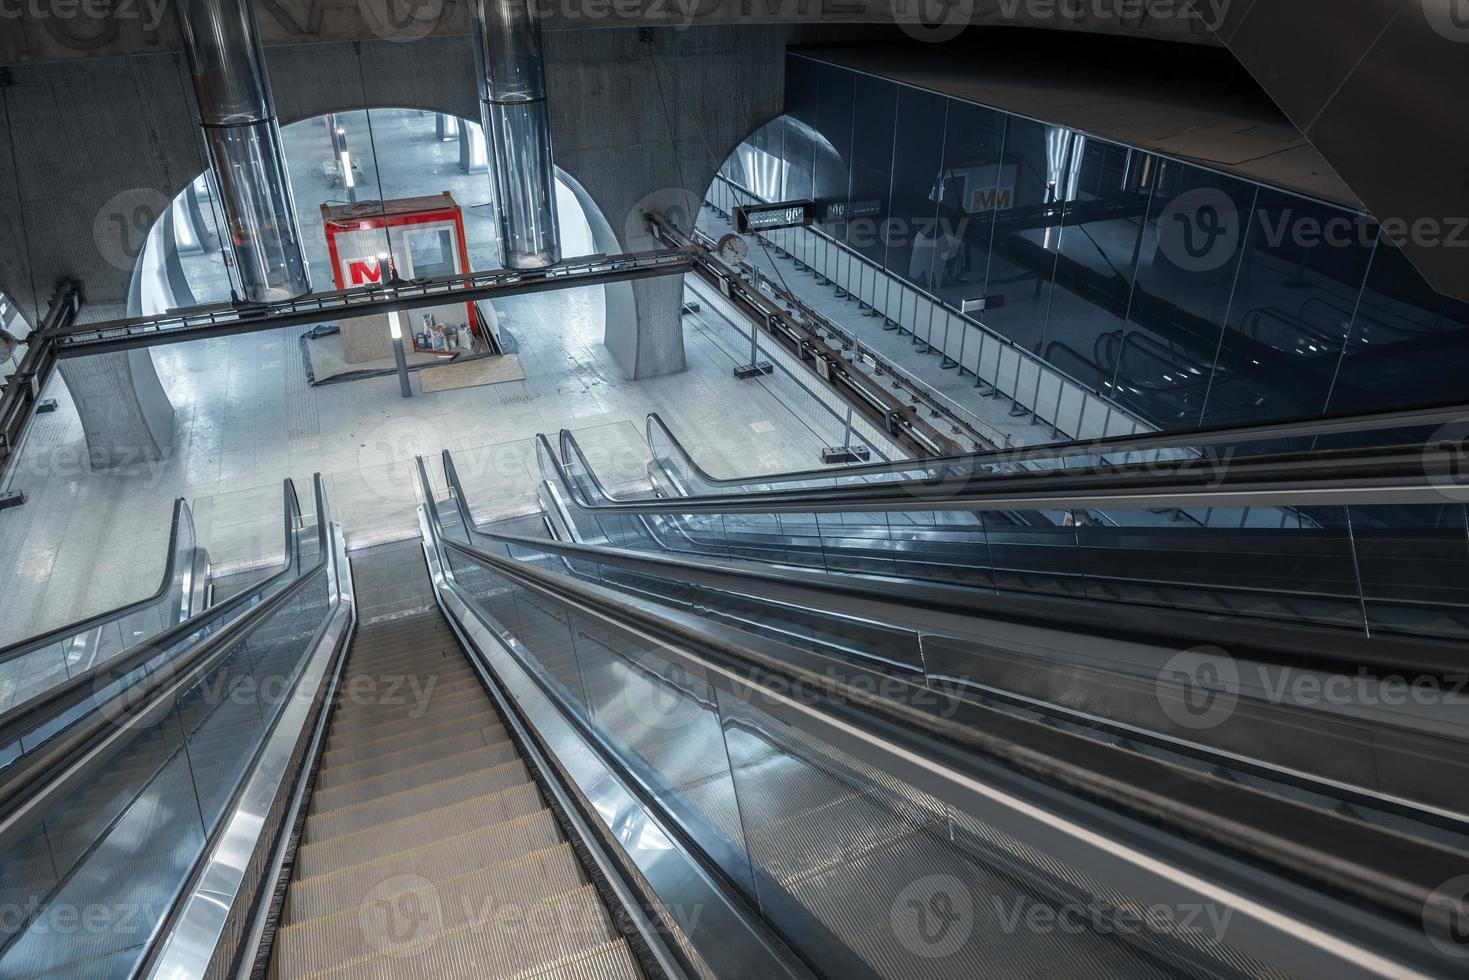 escada rolante em movimento no centro de negócios foto